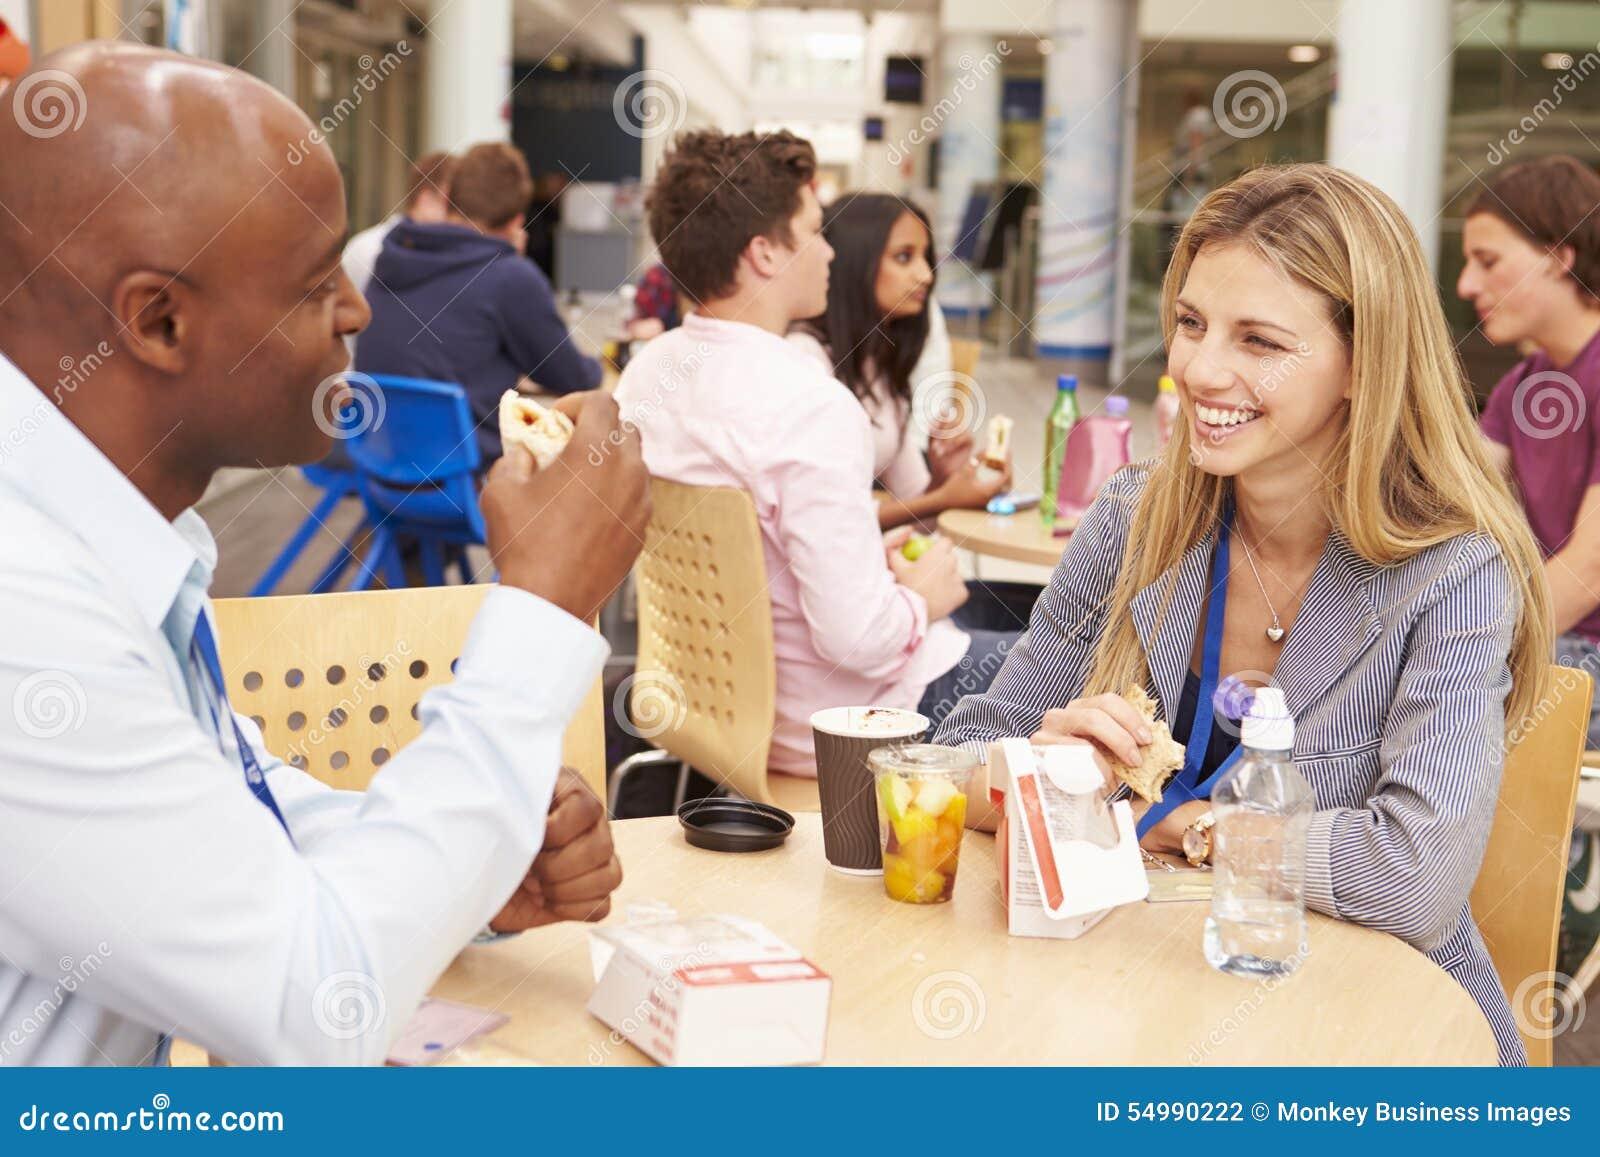 Högskolan handleder att äta lunch tillsammans